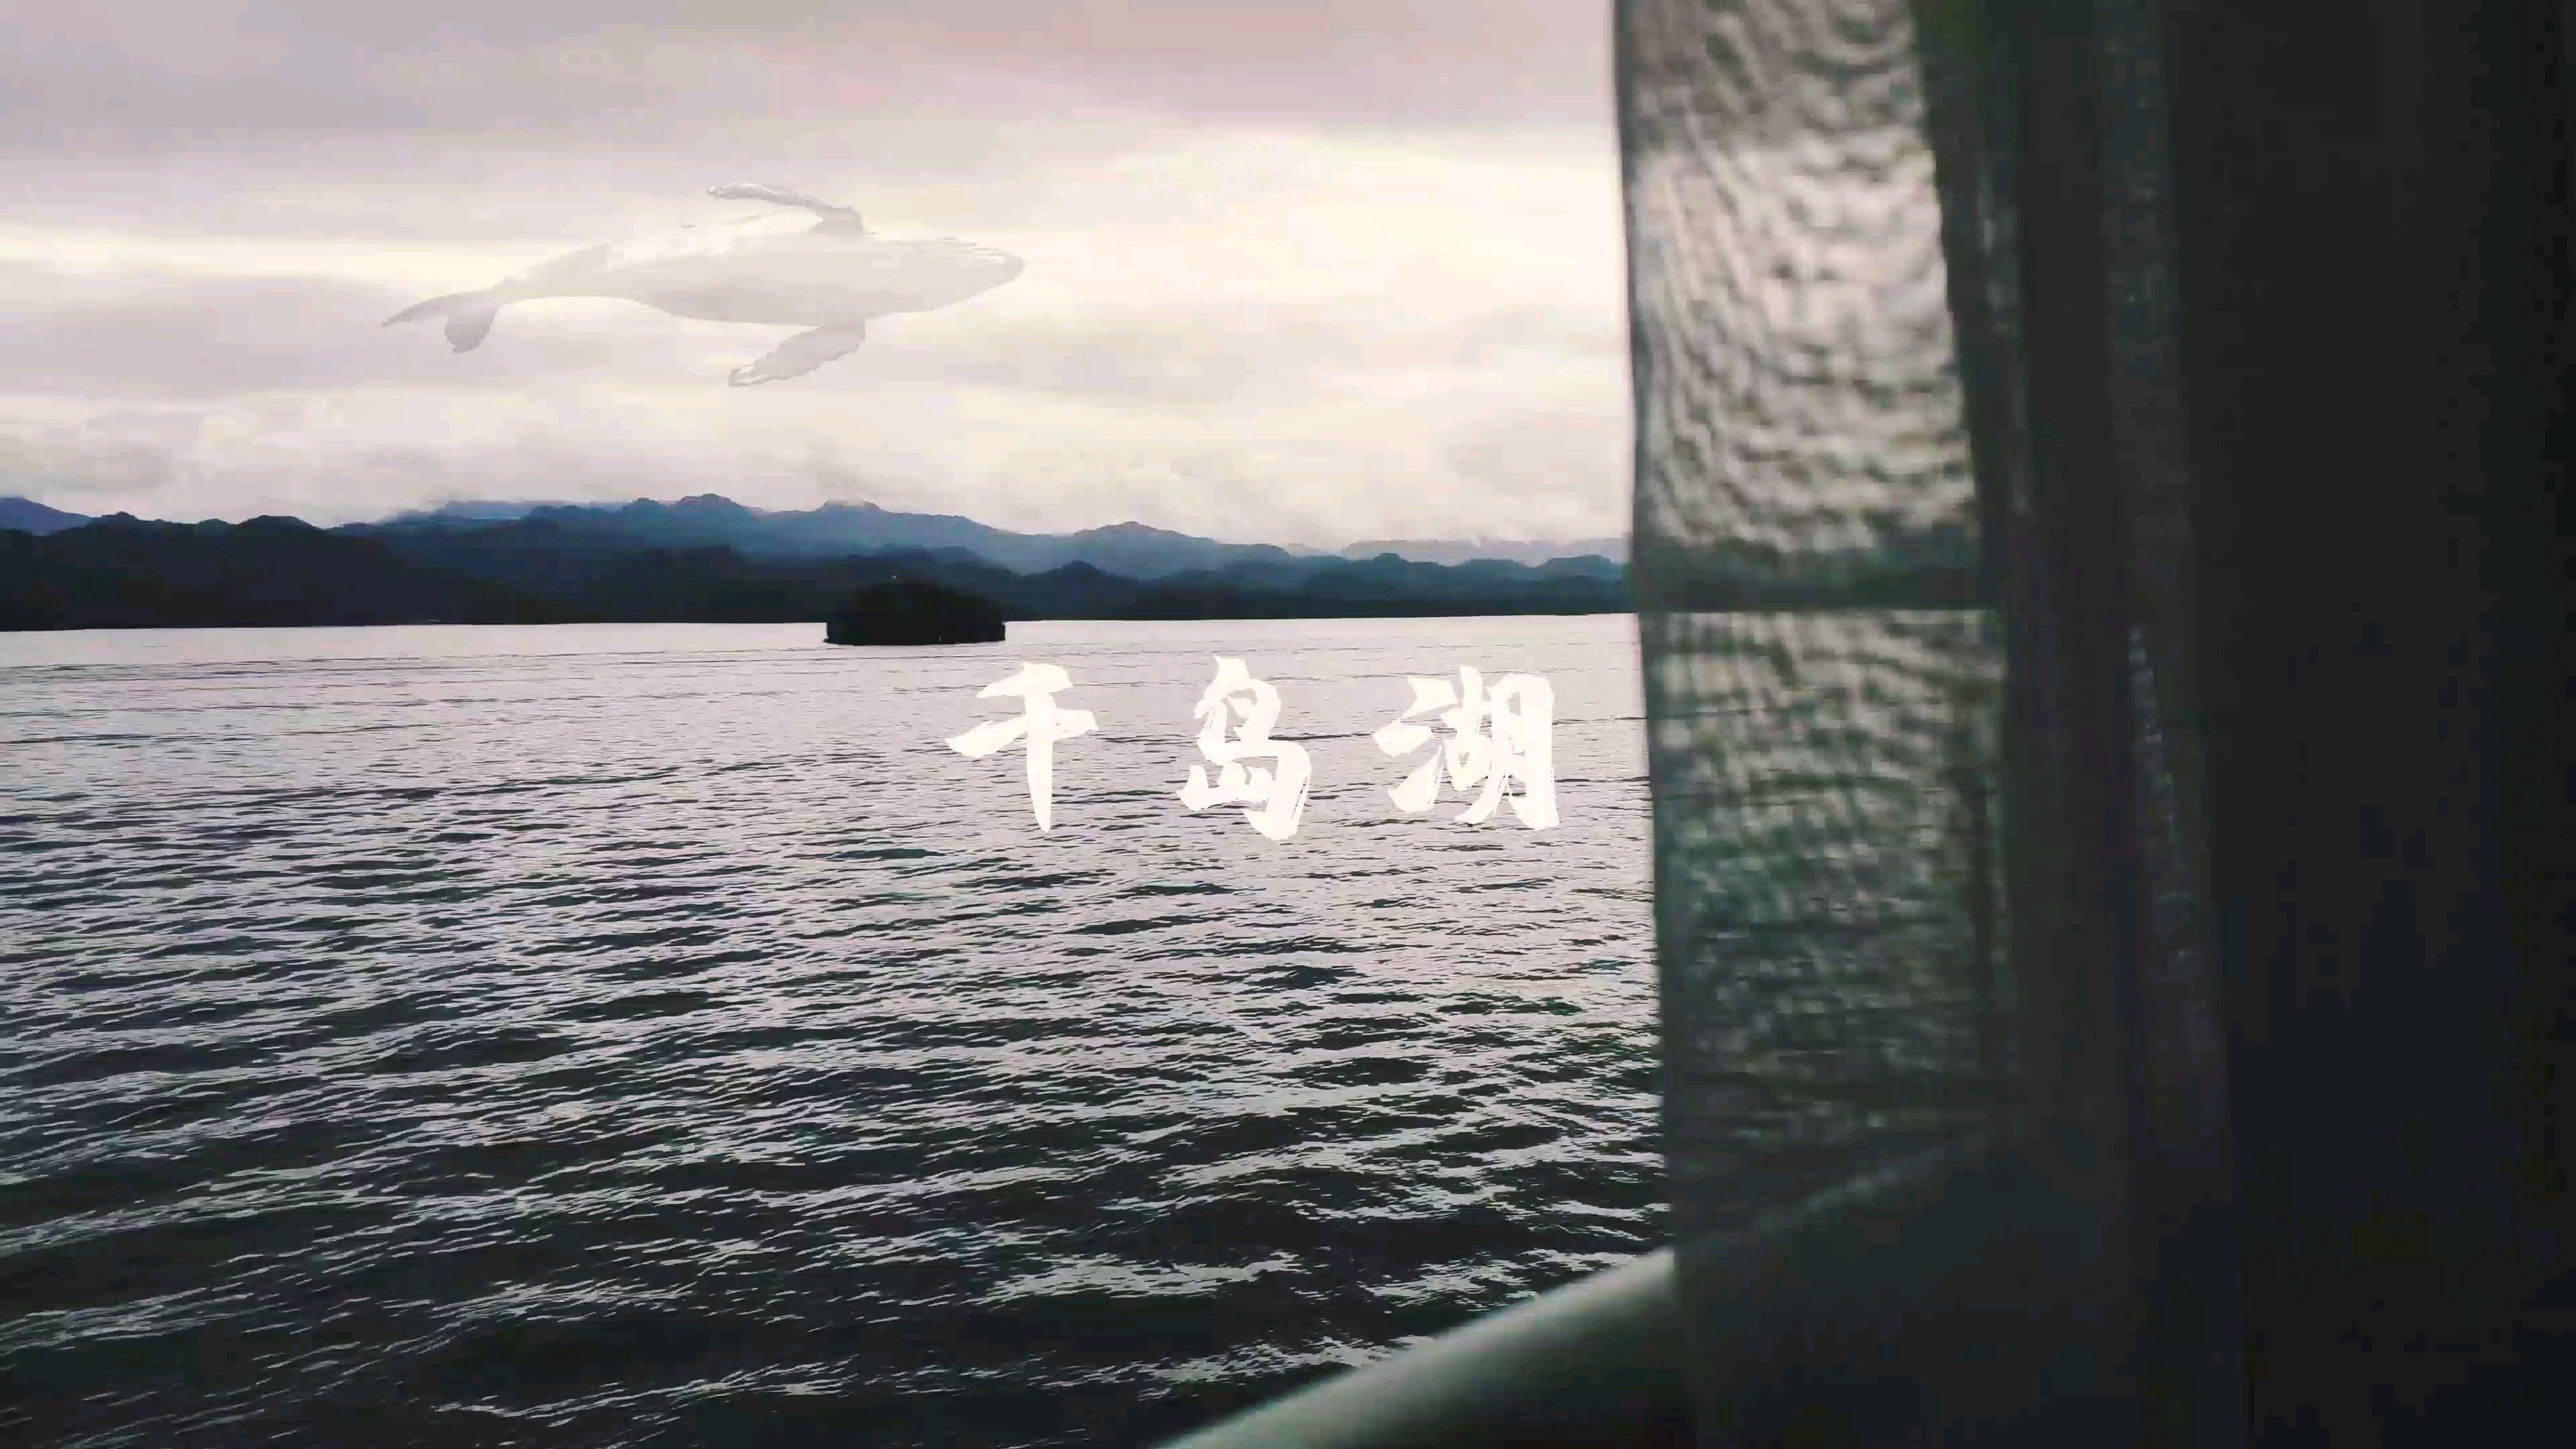 千岛湖vlog 一天岛主的生活